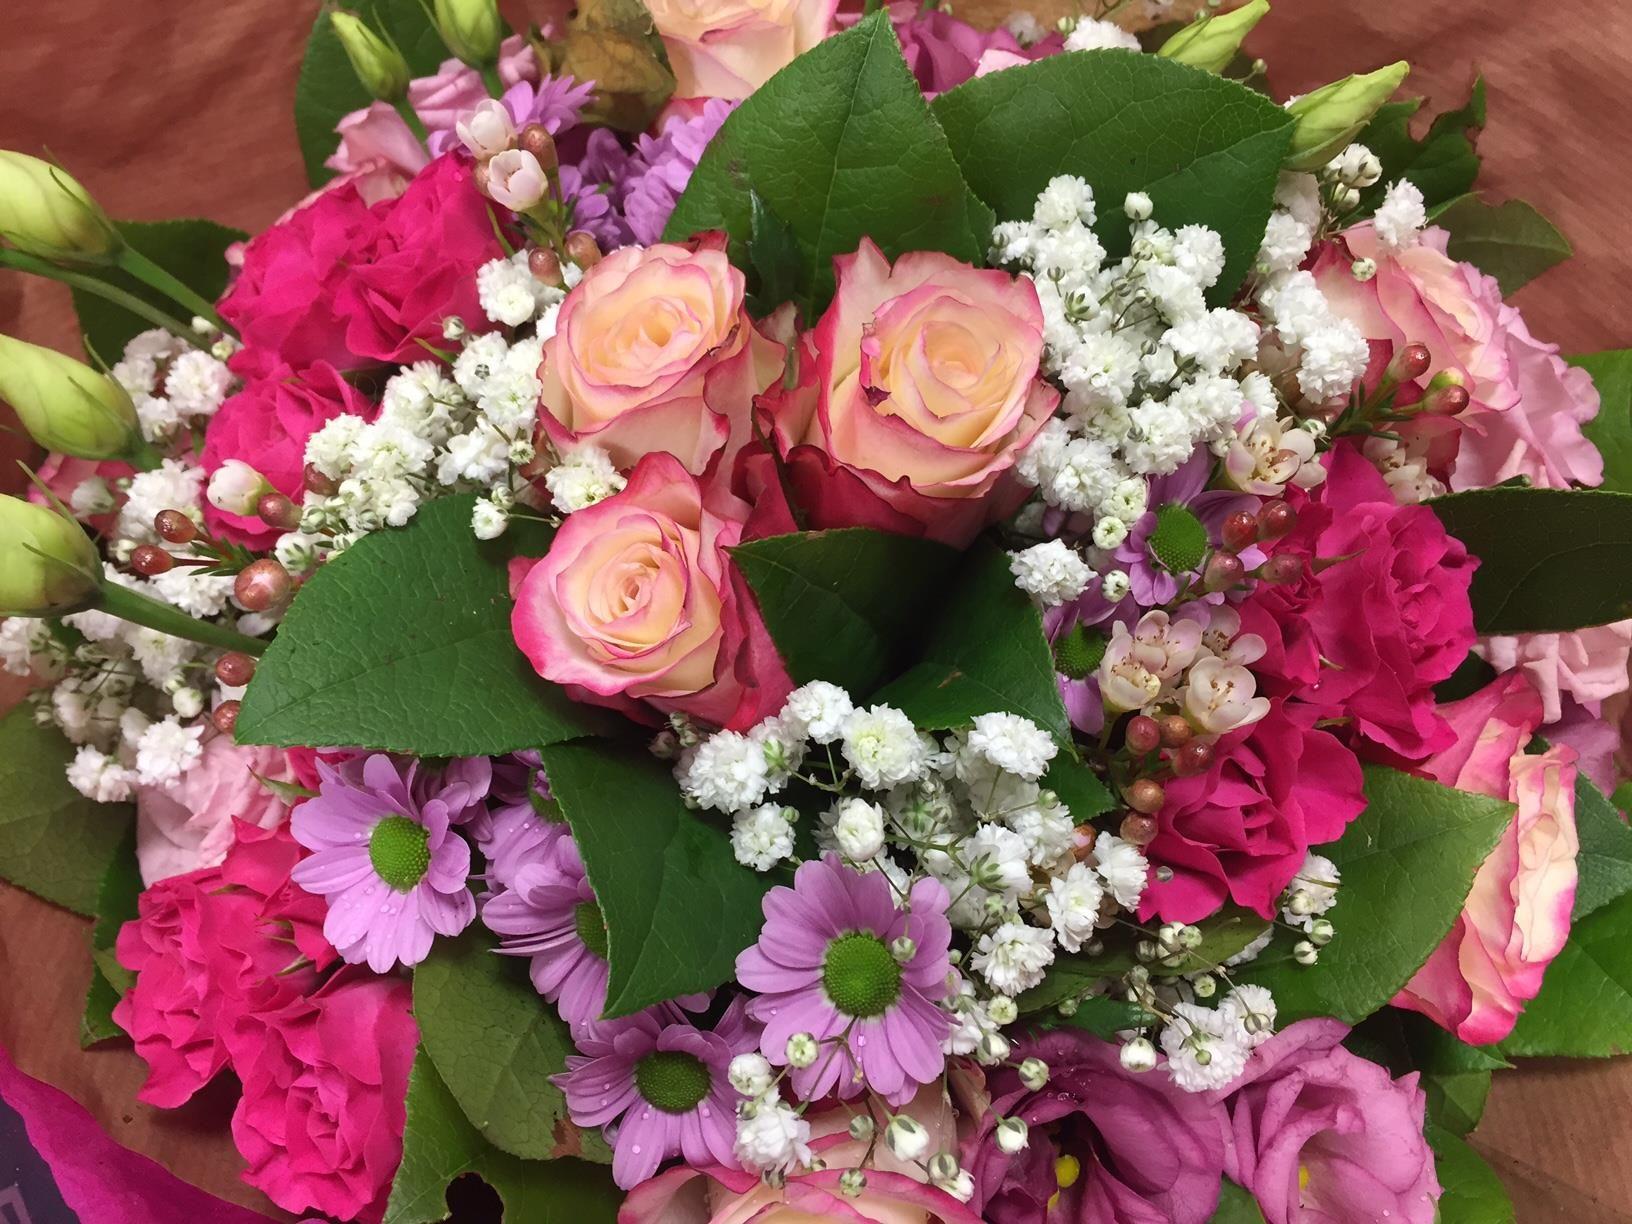 Magnifique Bouquet Re U Par Charles Cayotte Fleurs Bouquet